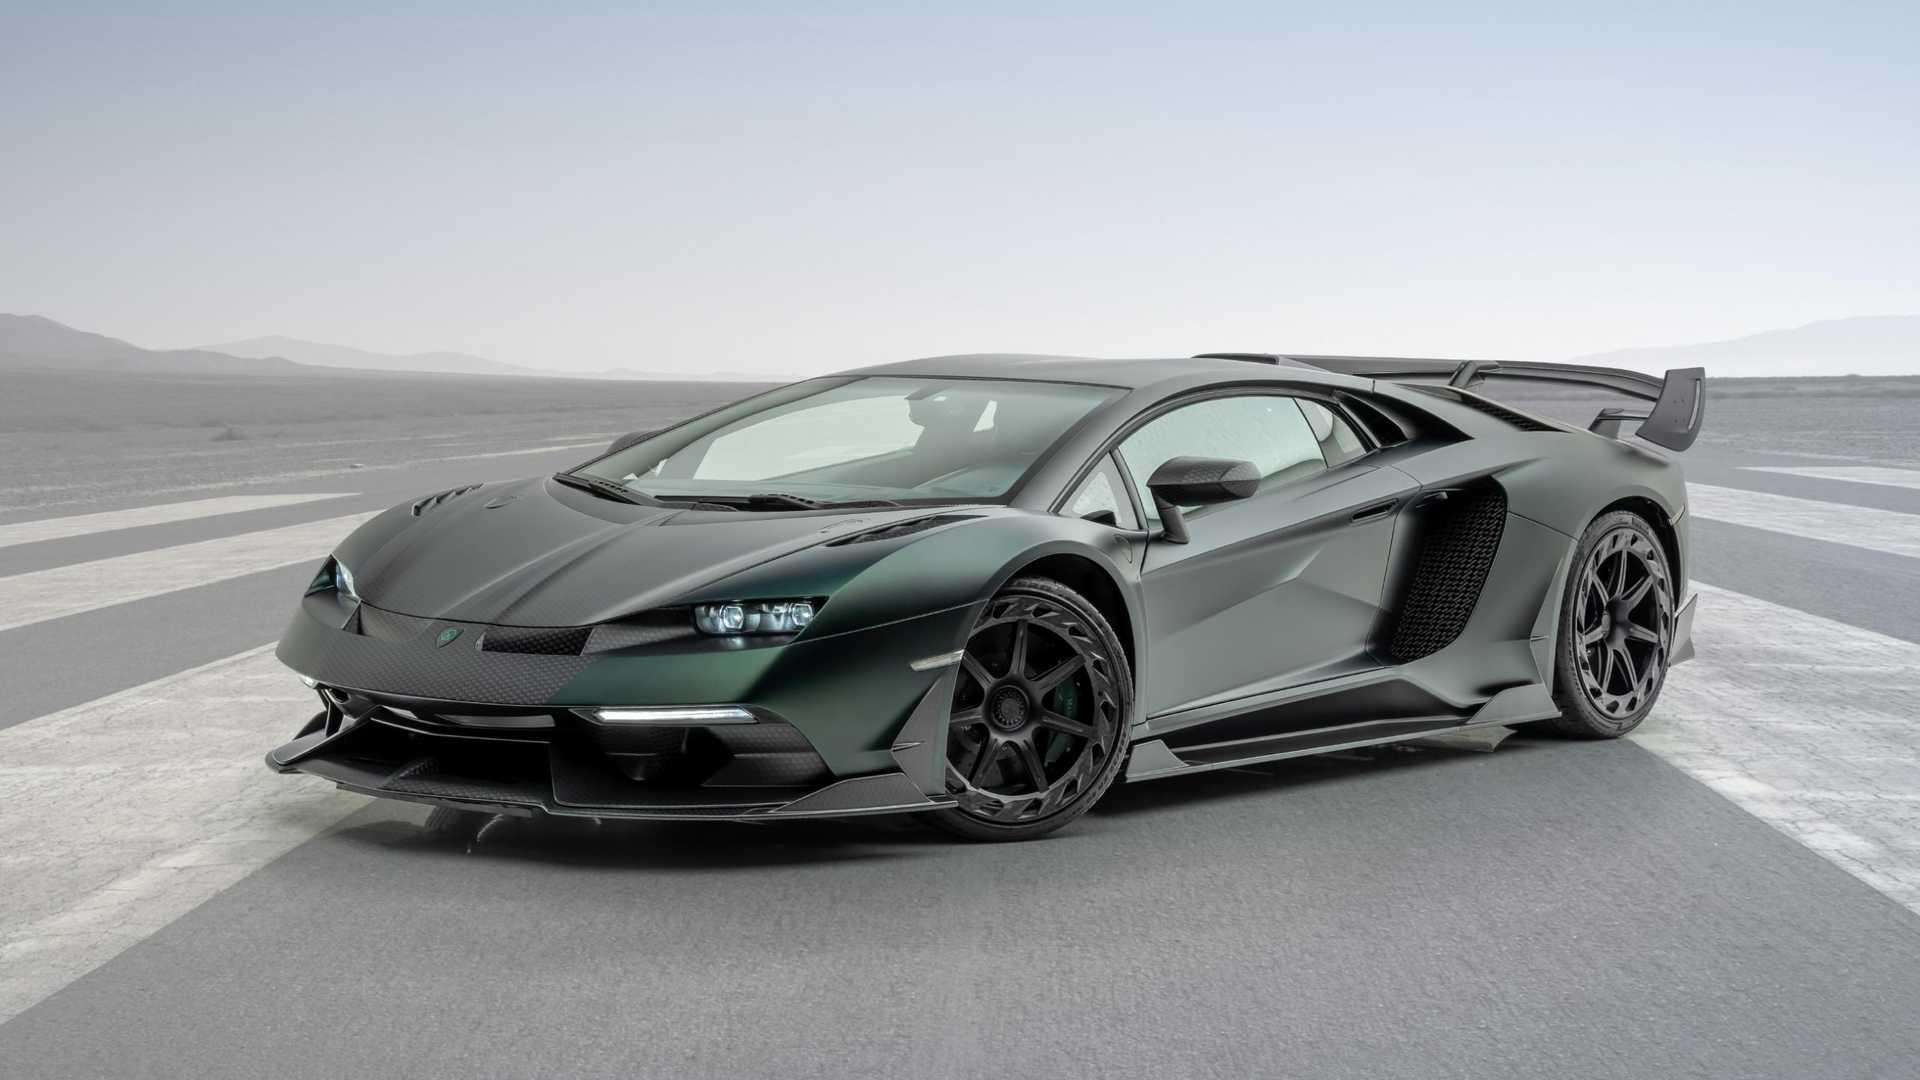 Lamborghini Aventador Svj Cabrera Is Mansory S Idea Of Exclusive Autoevolution